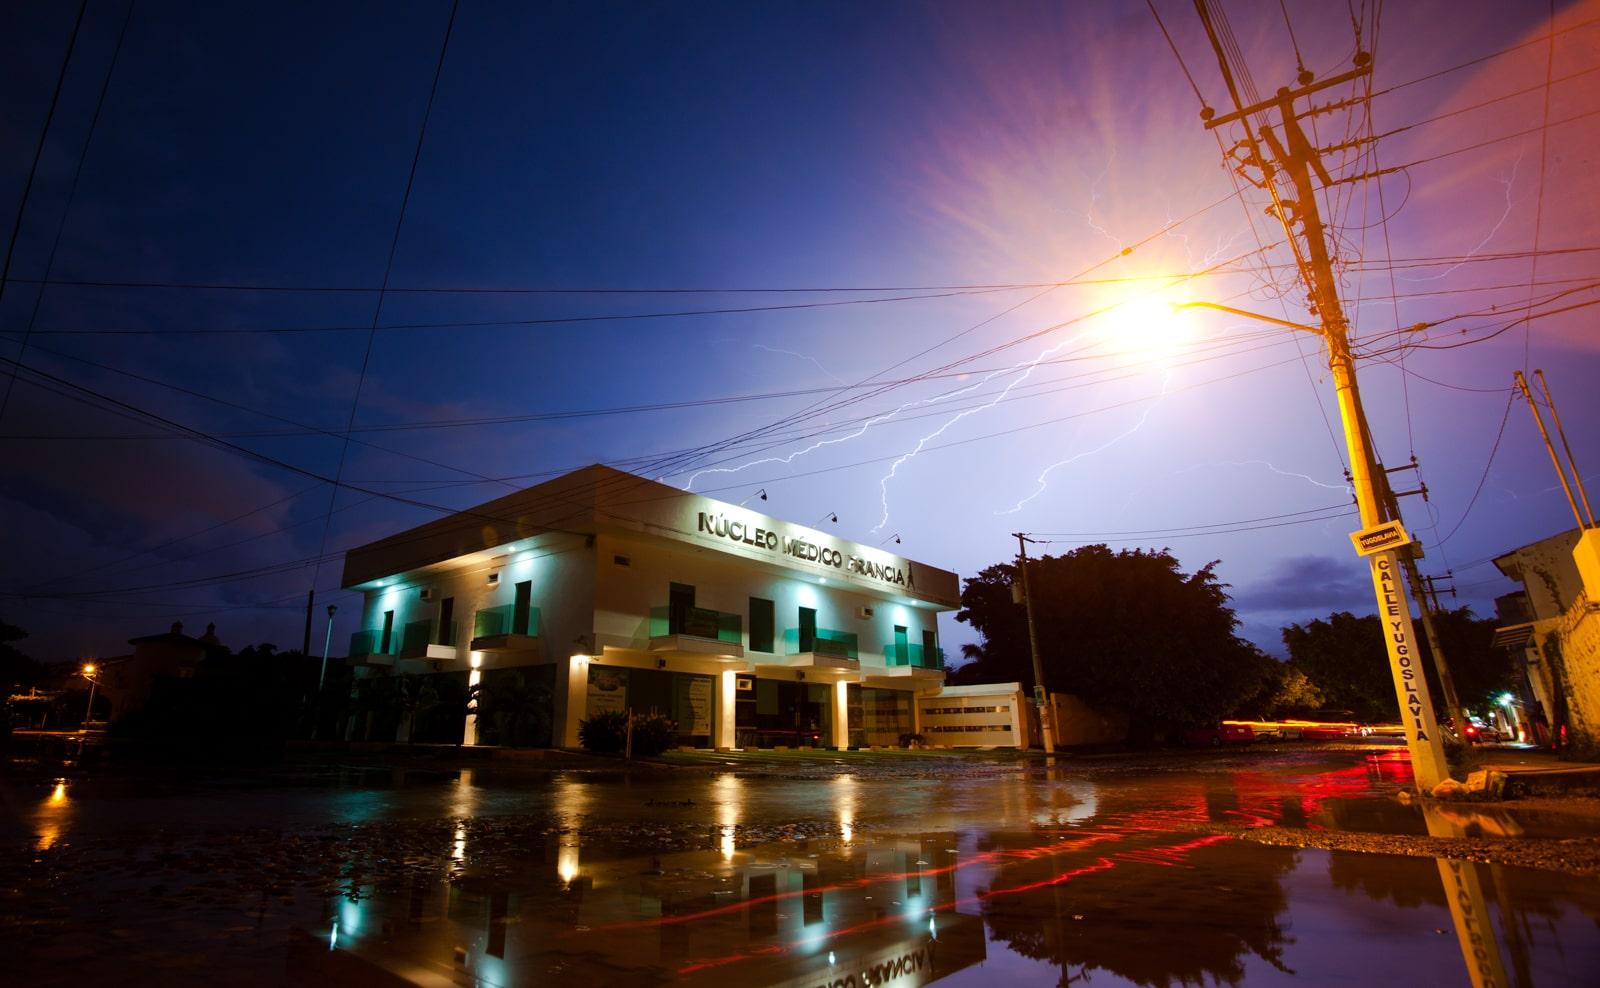 fotografía de un rayo sobre un edificio